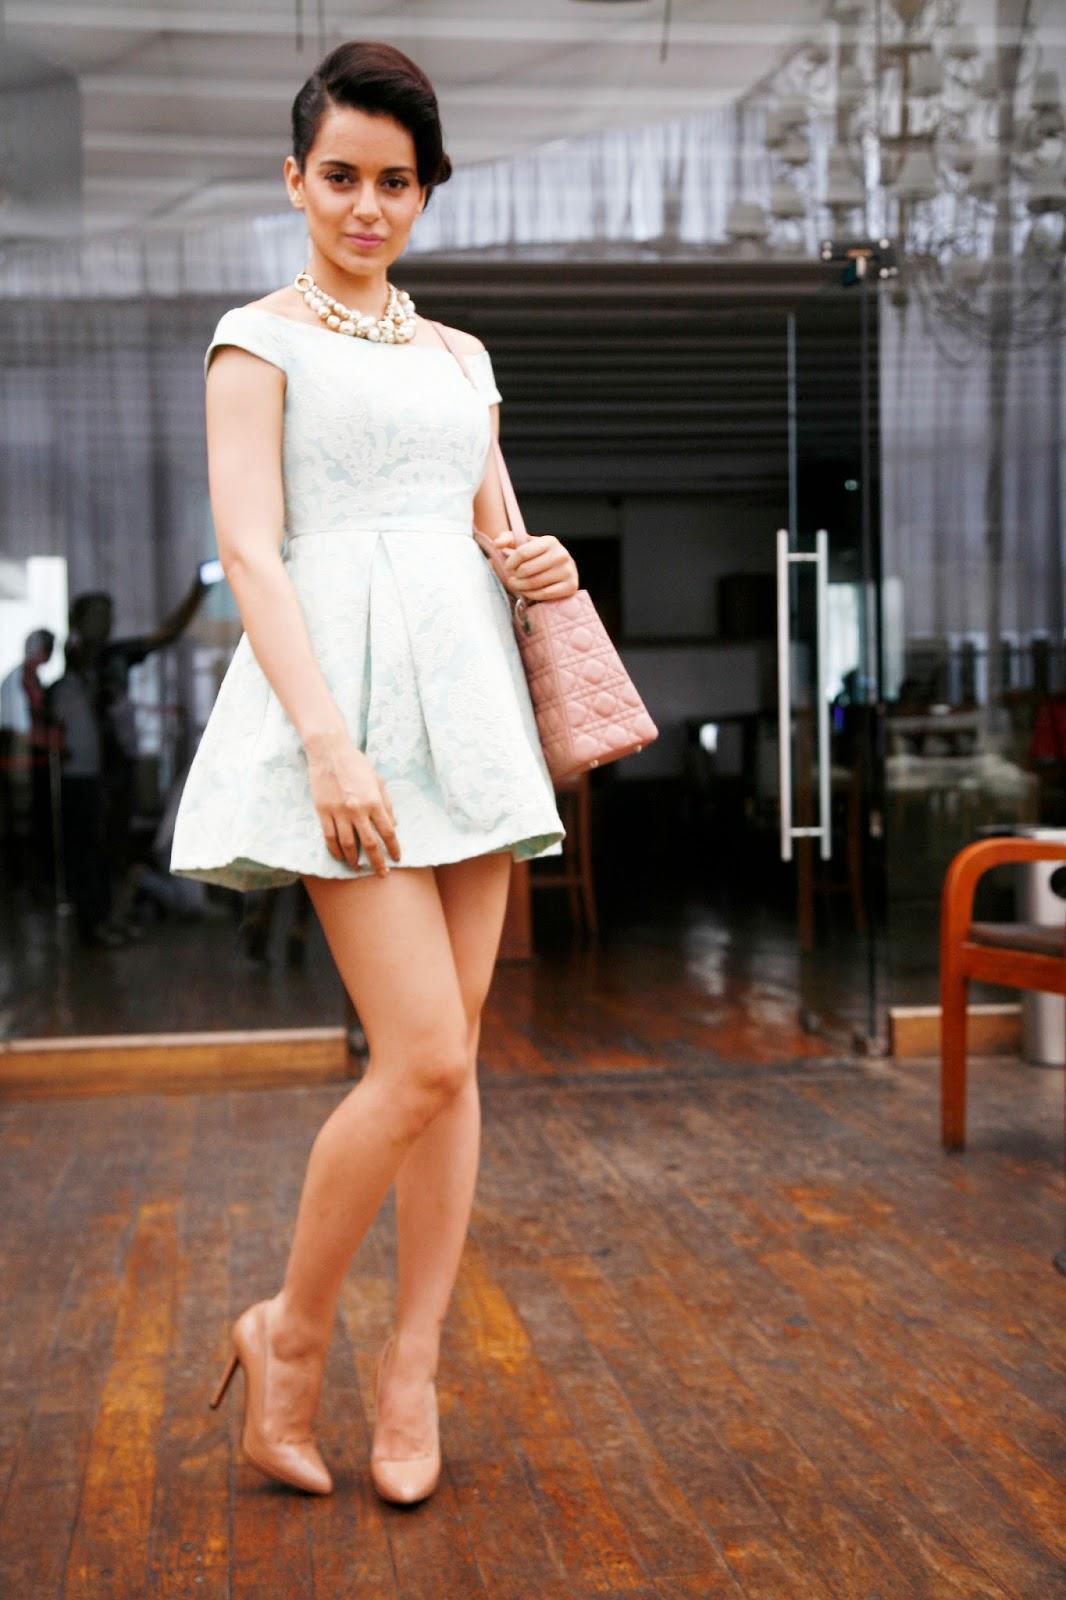 http://4.bp.blogspot.com/-YrWYJ1QXSSY/Uisl3dHOdQI/AAAAAAAAbmE/u0FHZoka4aE/s1600/Kangana+Ranaut+Launches+Her+Website+(7).JPG